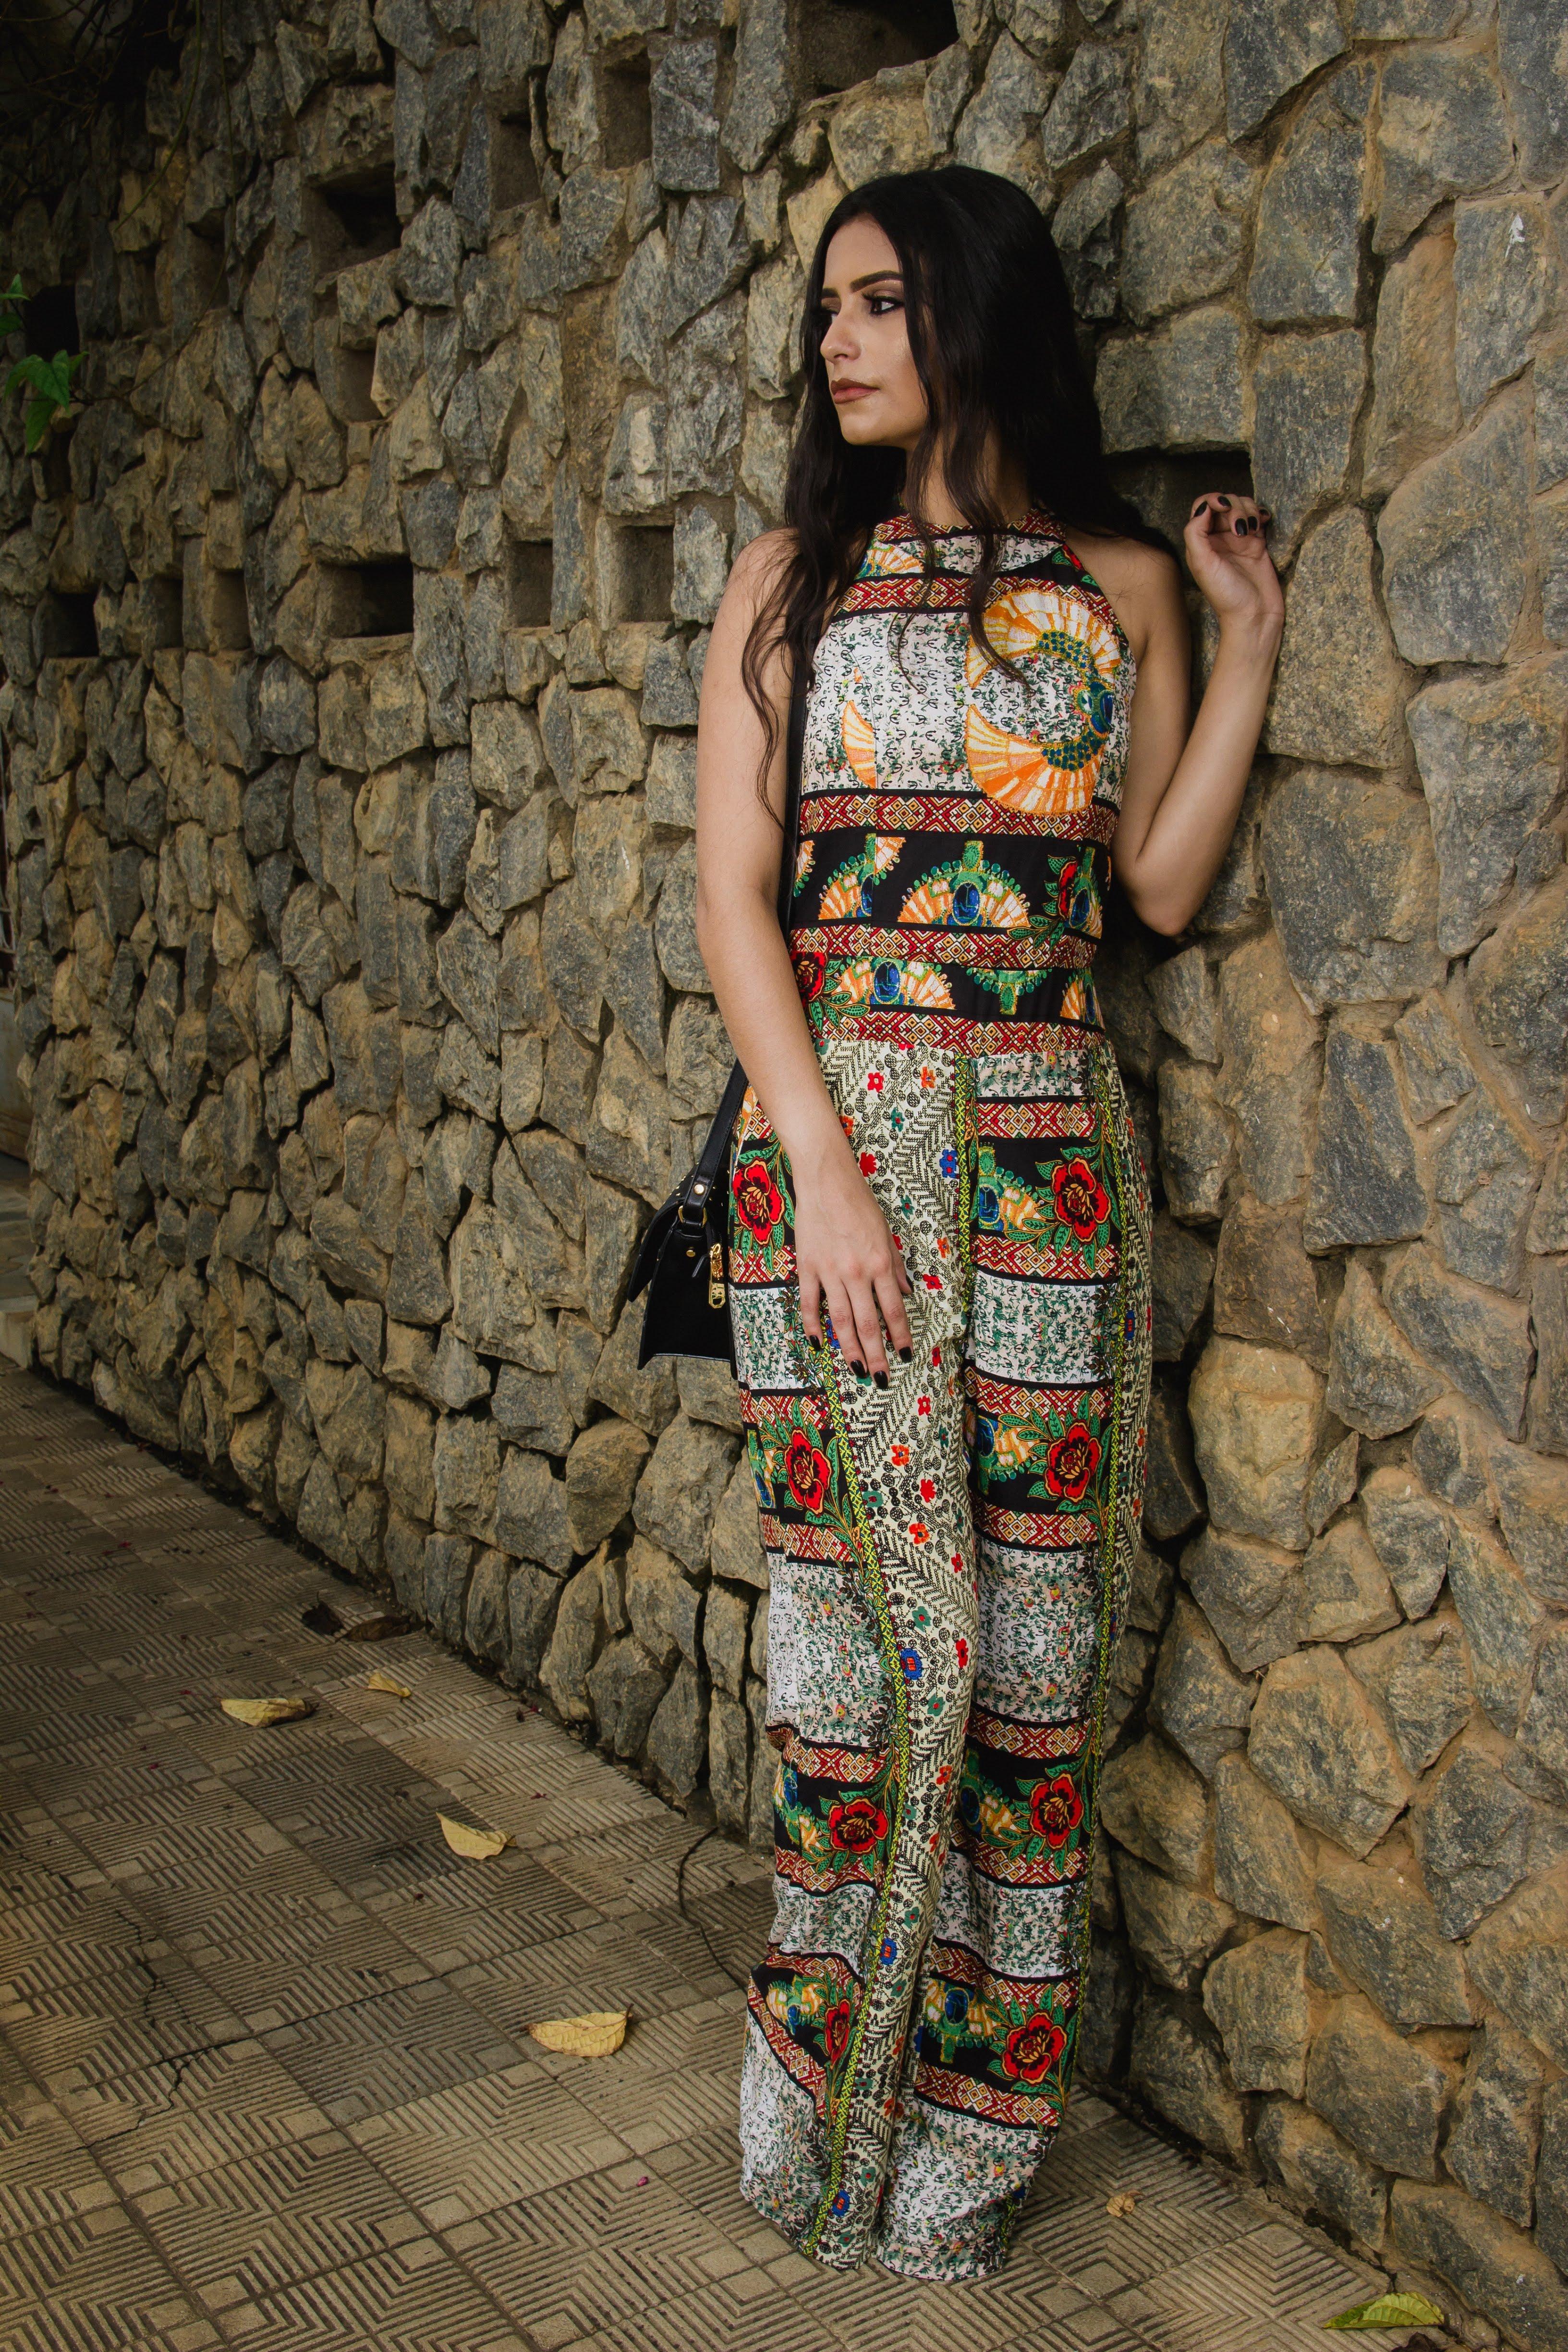 bag-beauty-model-fashion-model-938176-1